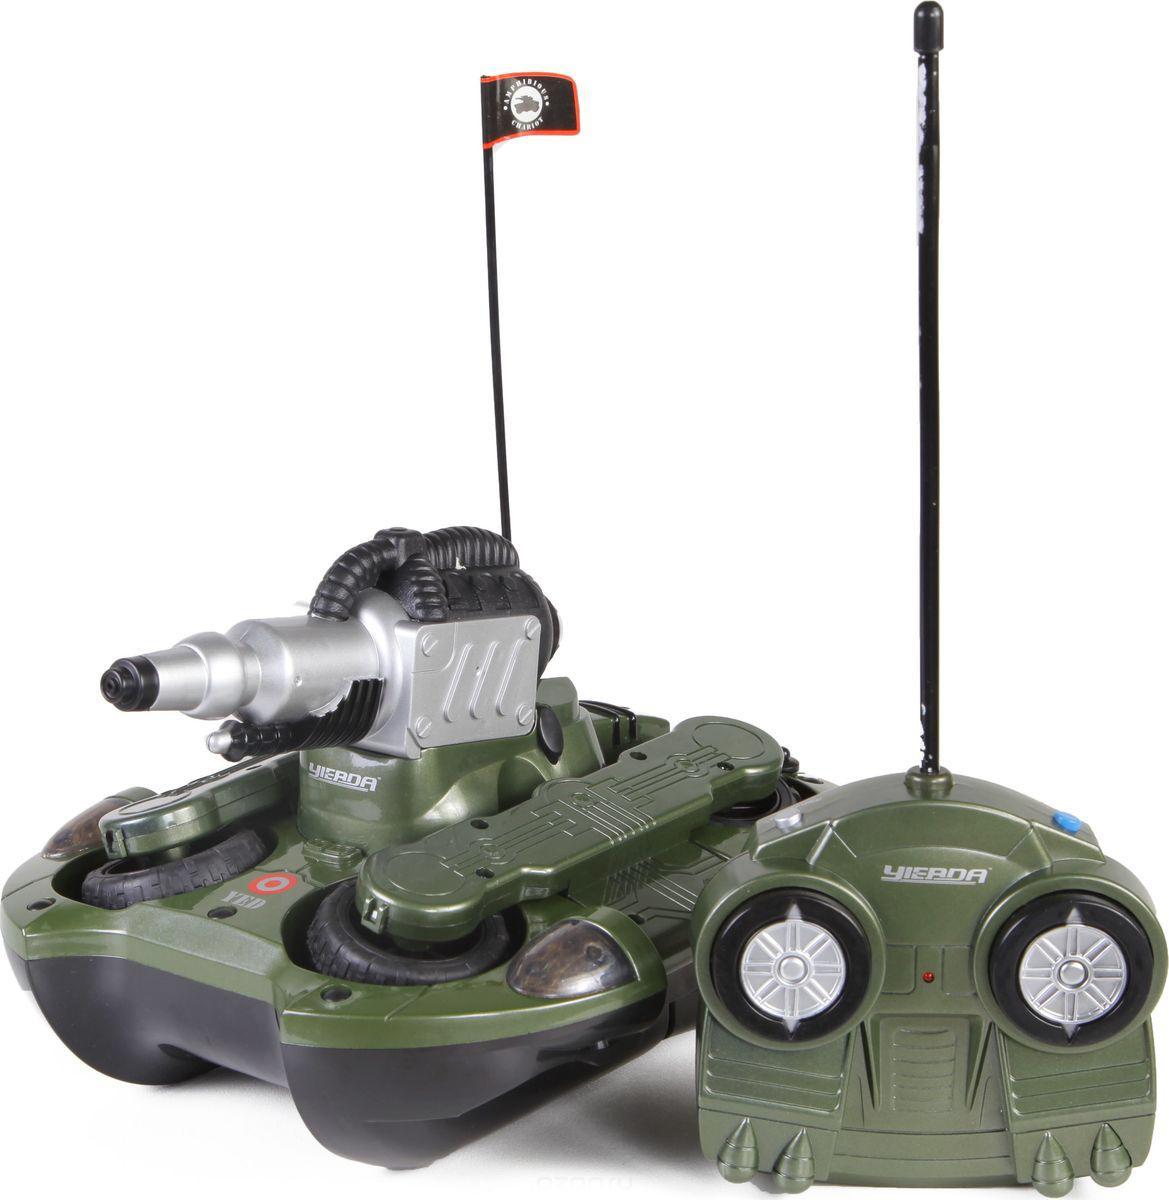 Танк на радиоуправлении со световыми эффектами - АмфибияРадиоуправляемые танки<br>Танк на радиоуправлении со световыми эффектами - Амфибия<br>